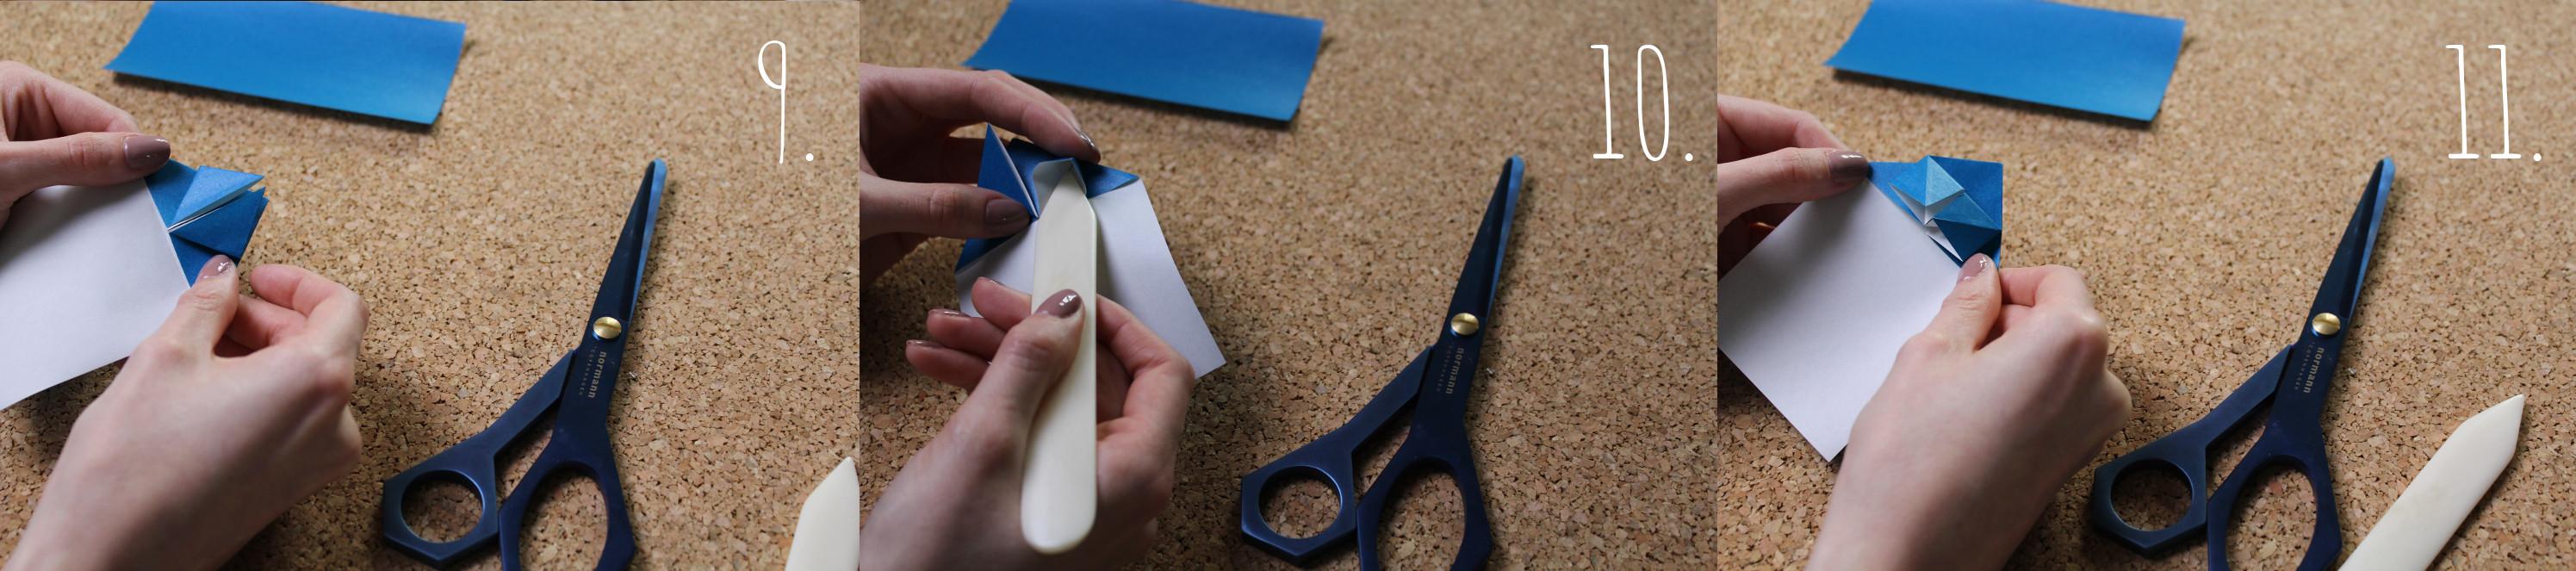 Origami Herz Anleitung Schritt 9-11